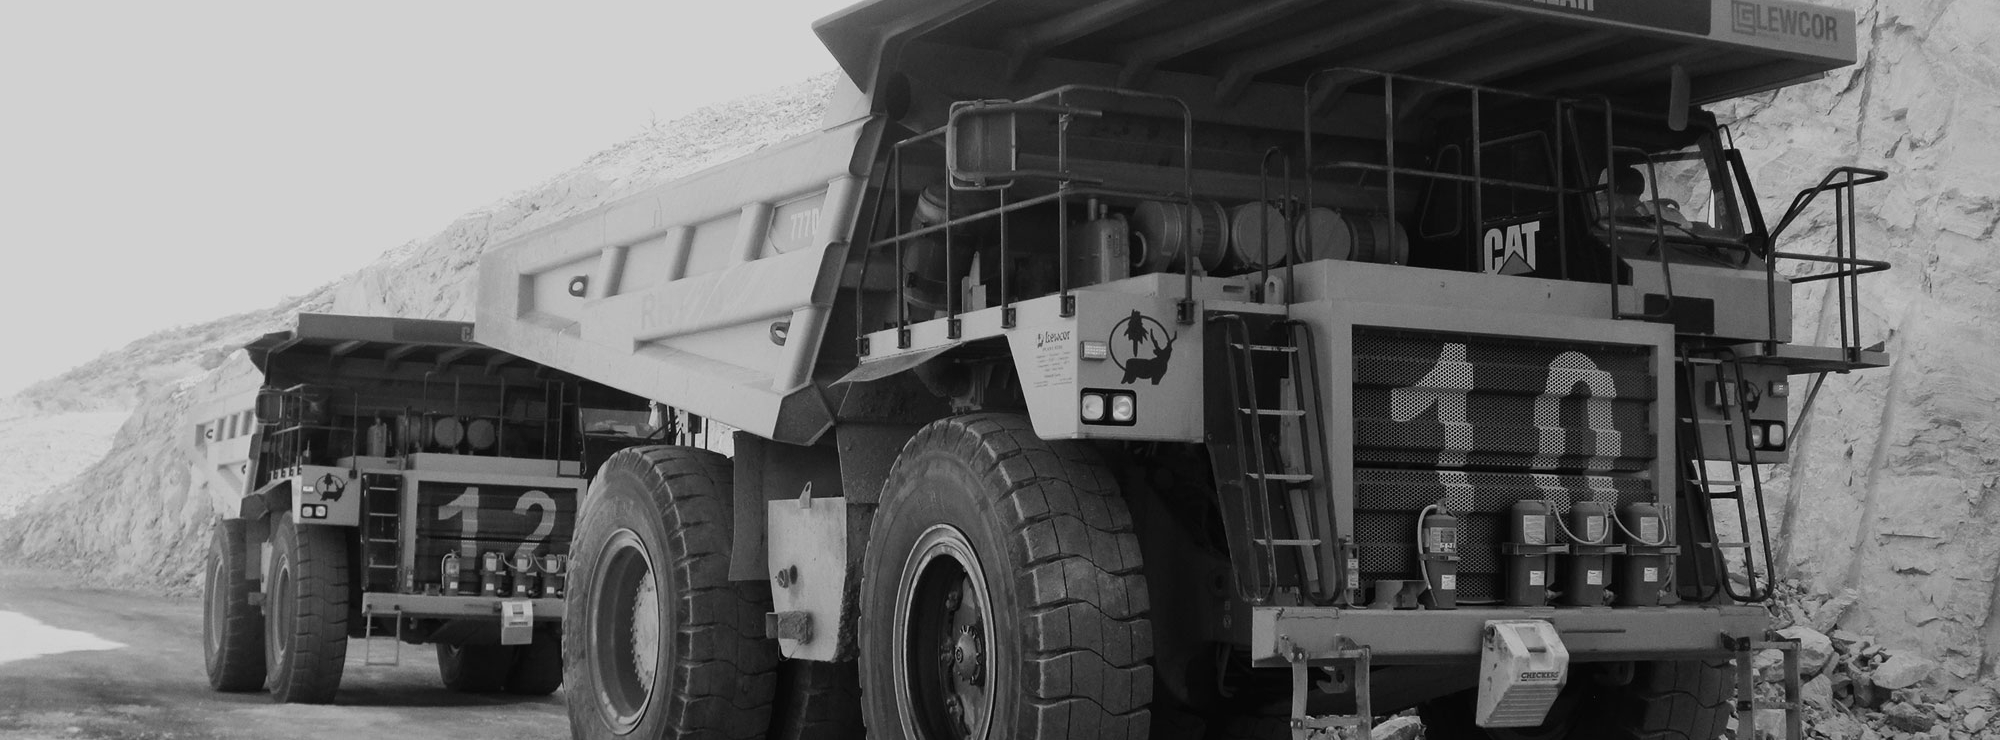 Karibib mining vacancies